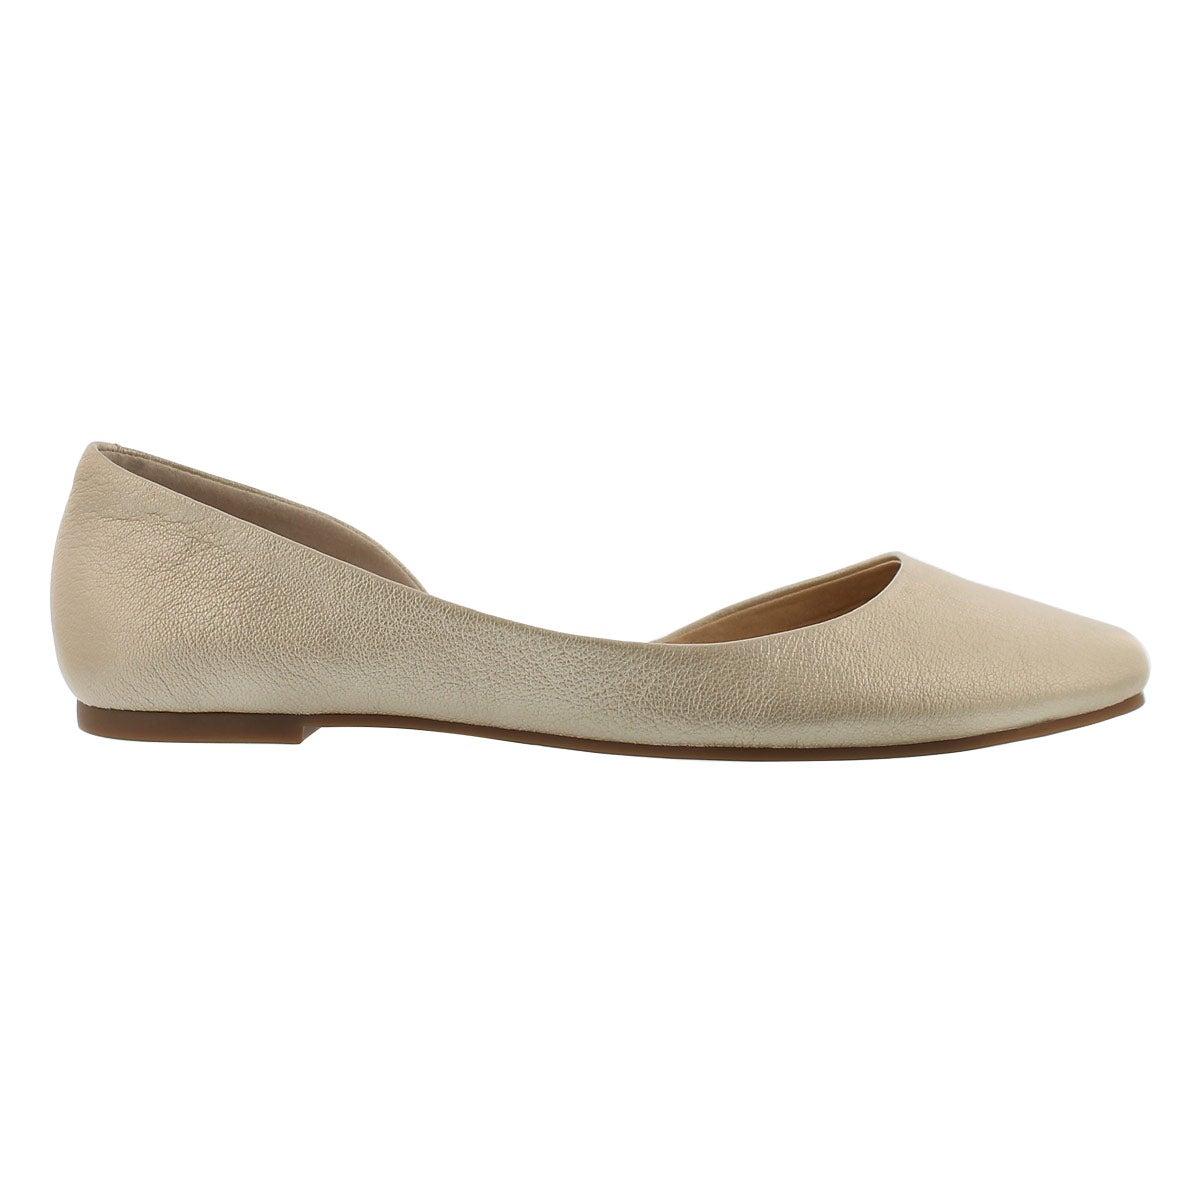 Lds Randall platinum slip on shoe